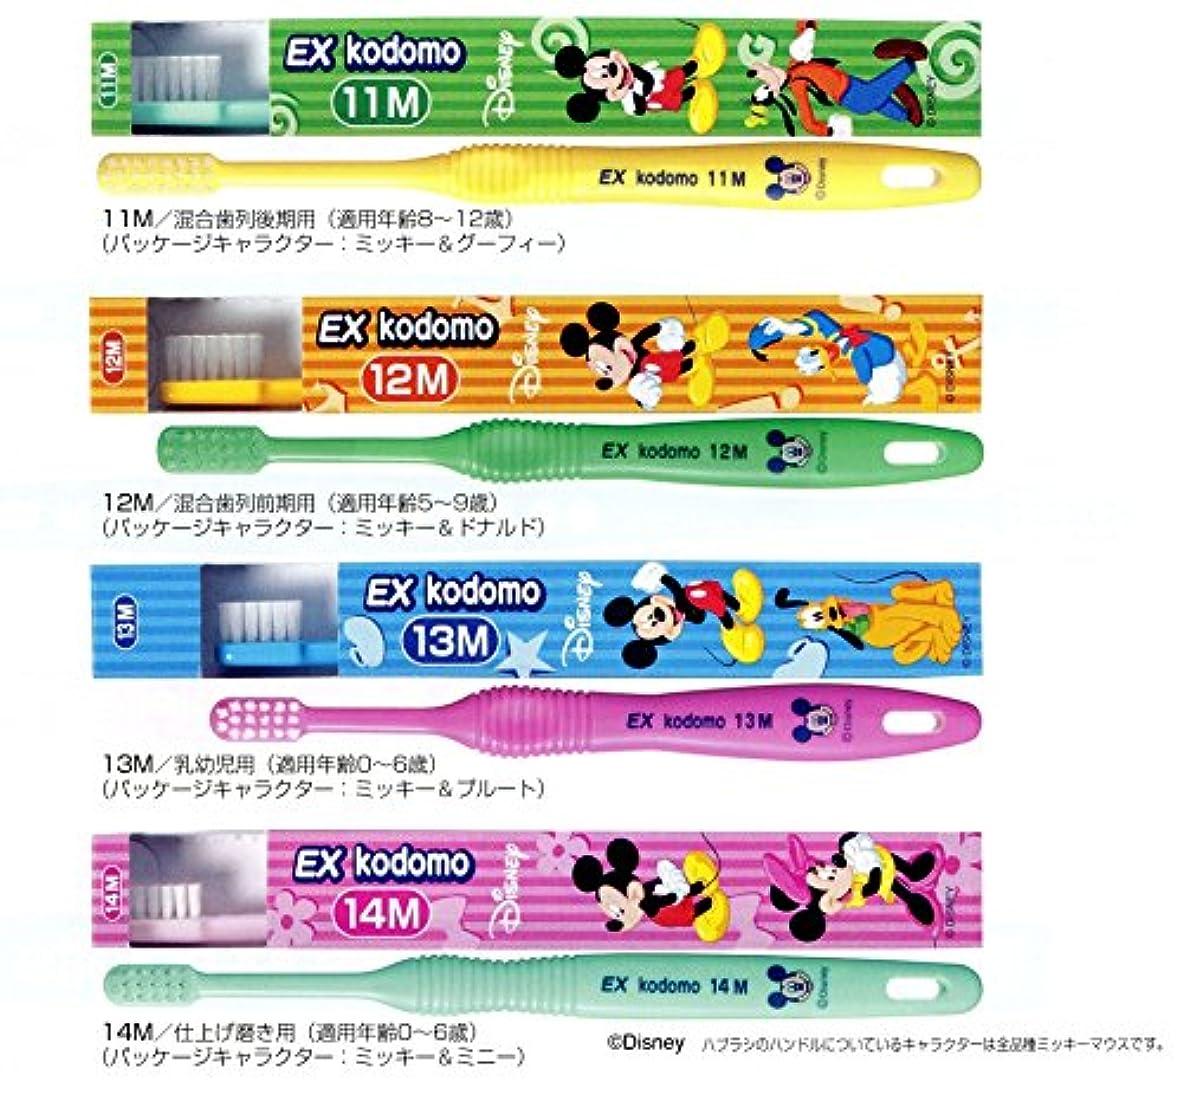 アートディスカウント貞ライオン コドモ ディズニー DENT.EX kodomo Disney 1本 12M ブルー (5?9歳)